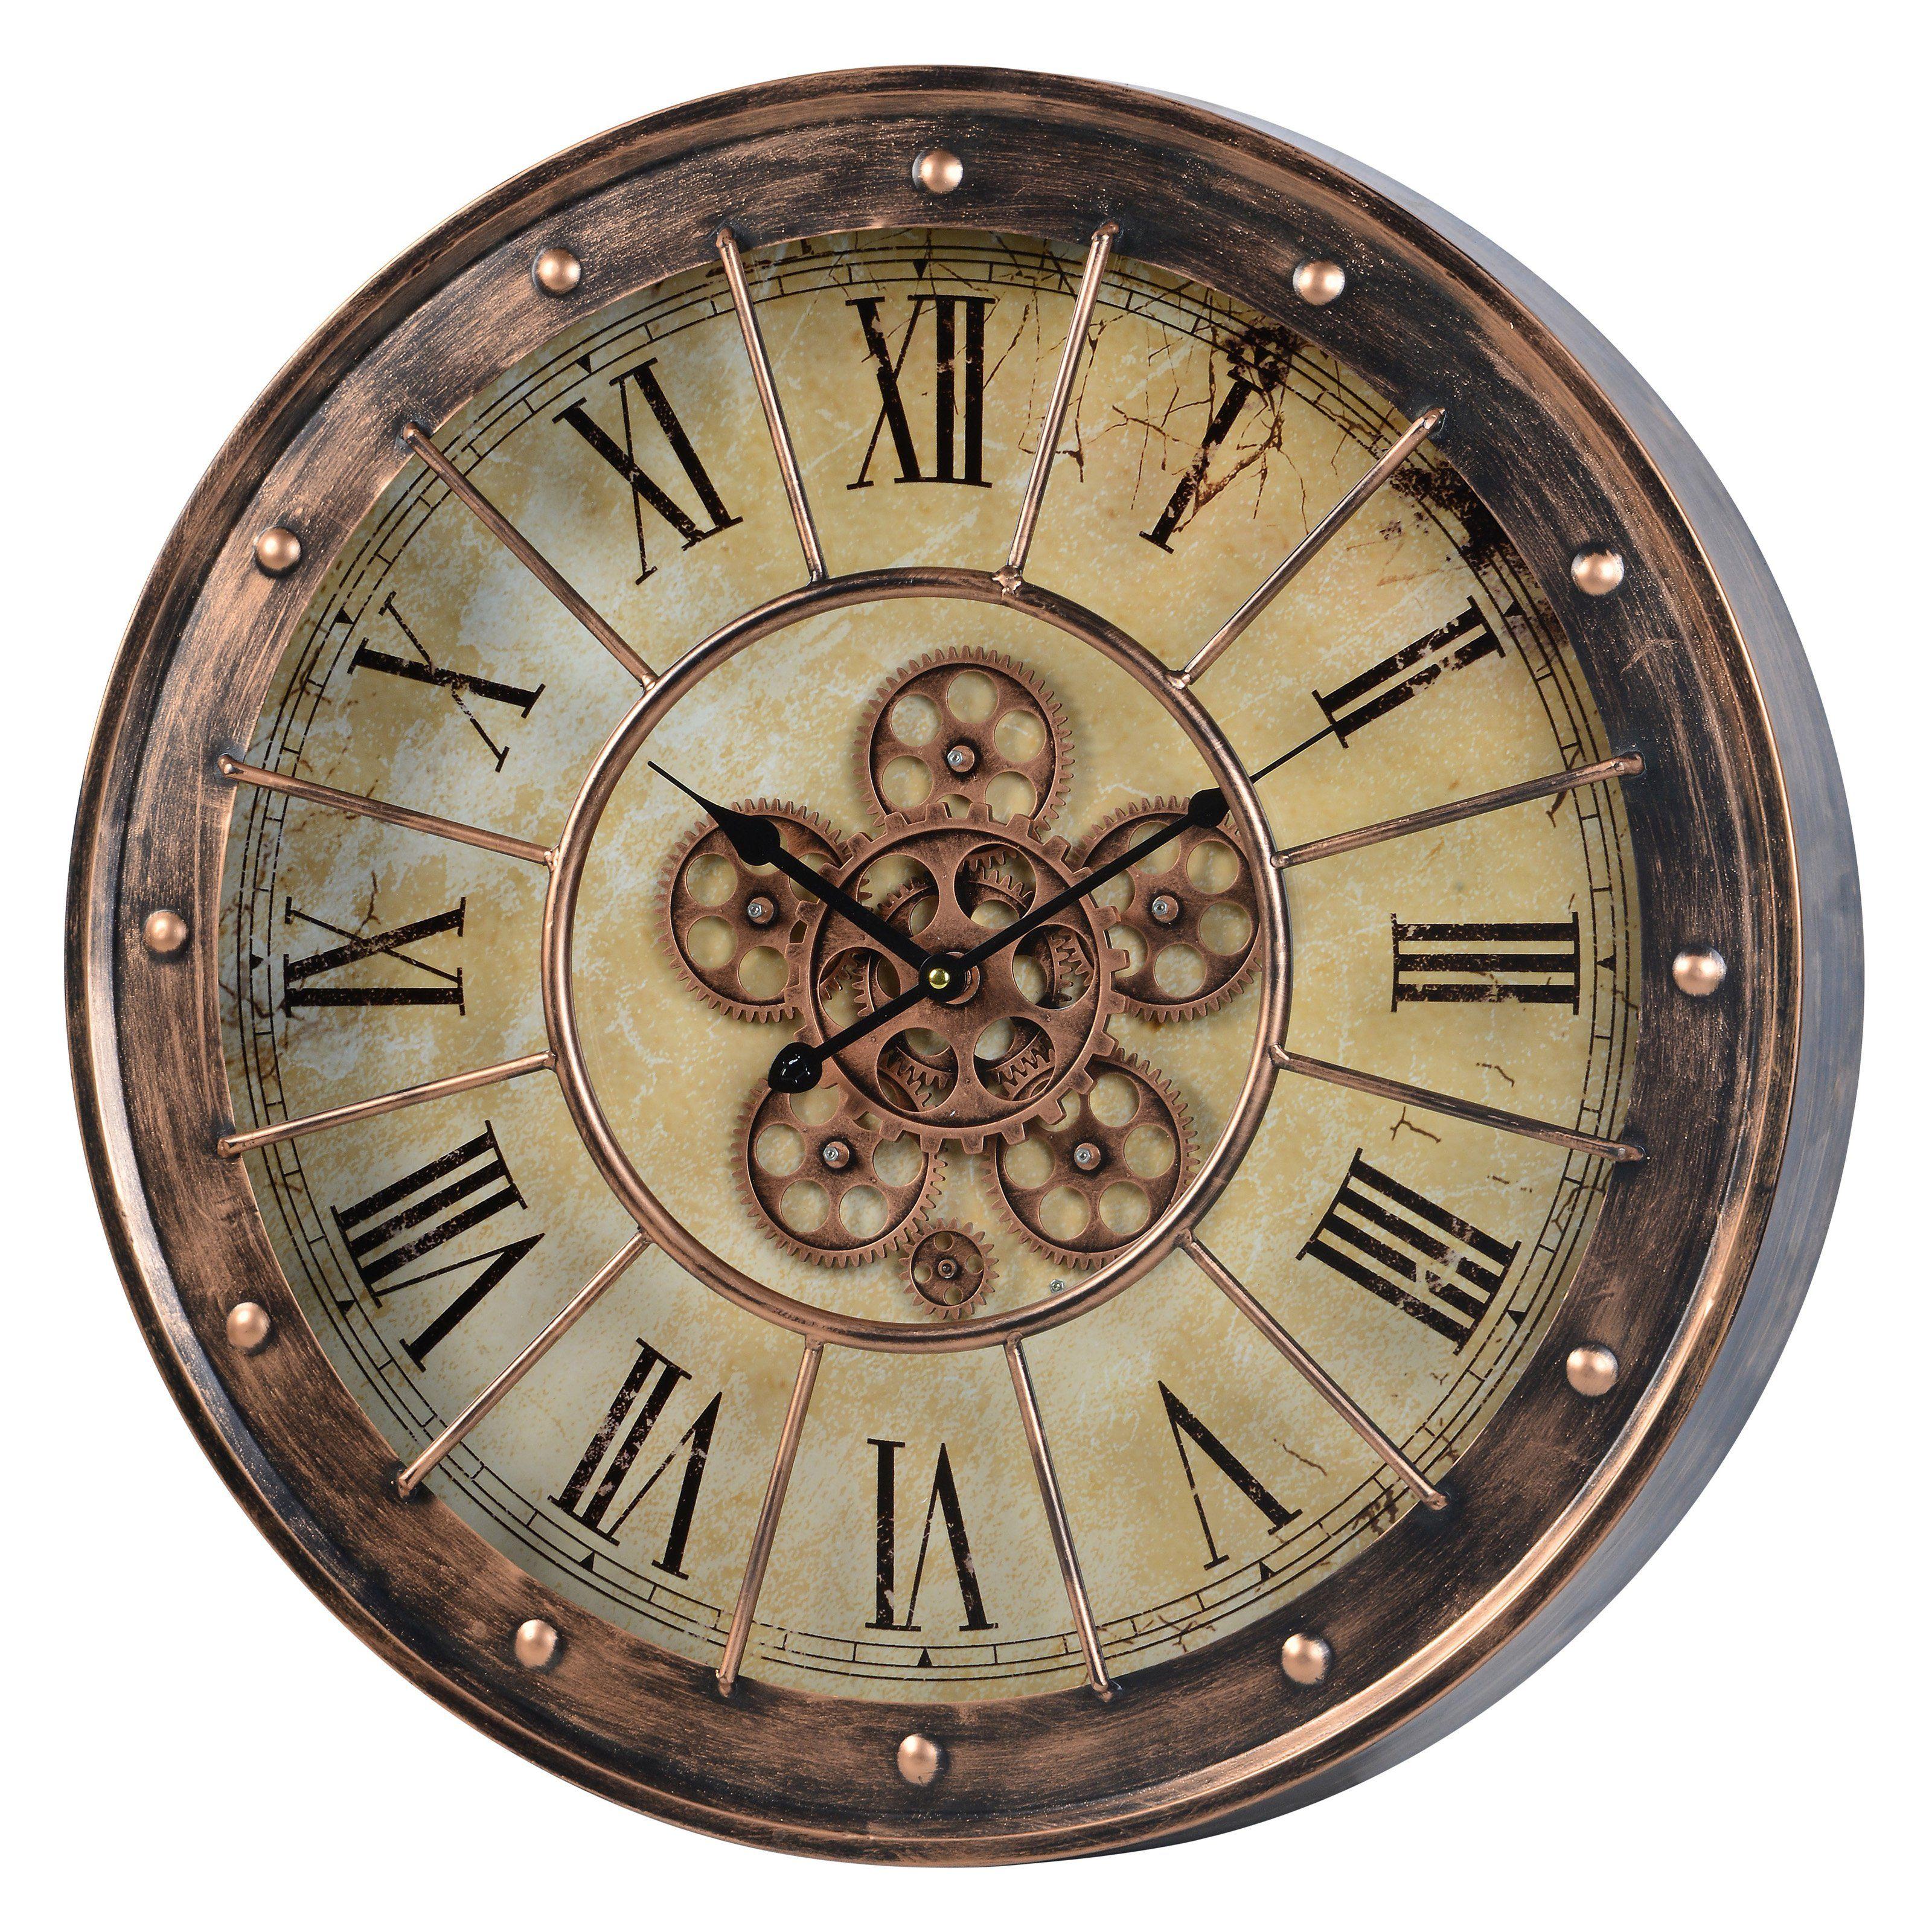 Cooper Classics Corbets Oversized Wall Clock From Hayneedle Com Oversized Wall Clock Wall Clock Clock